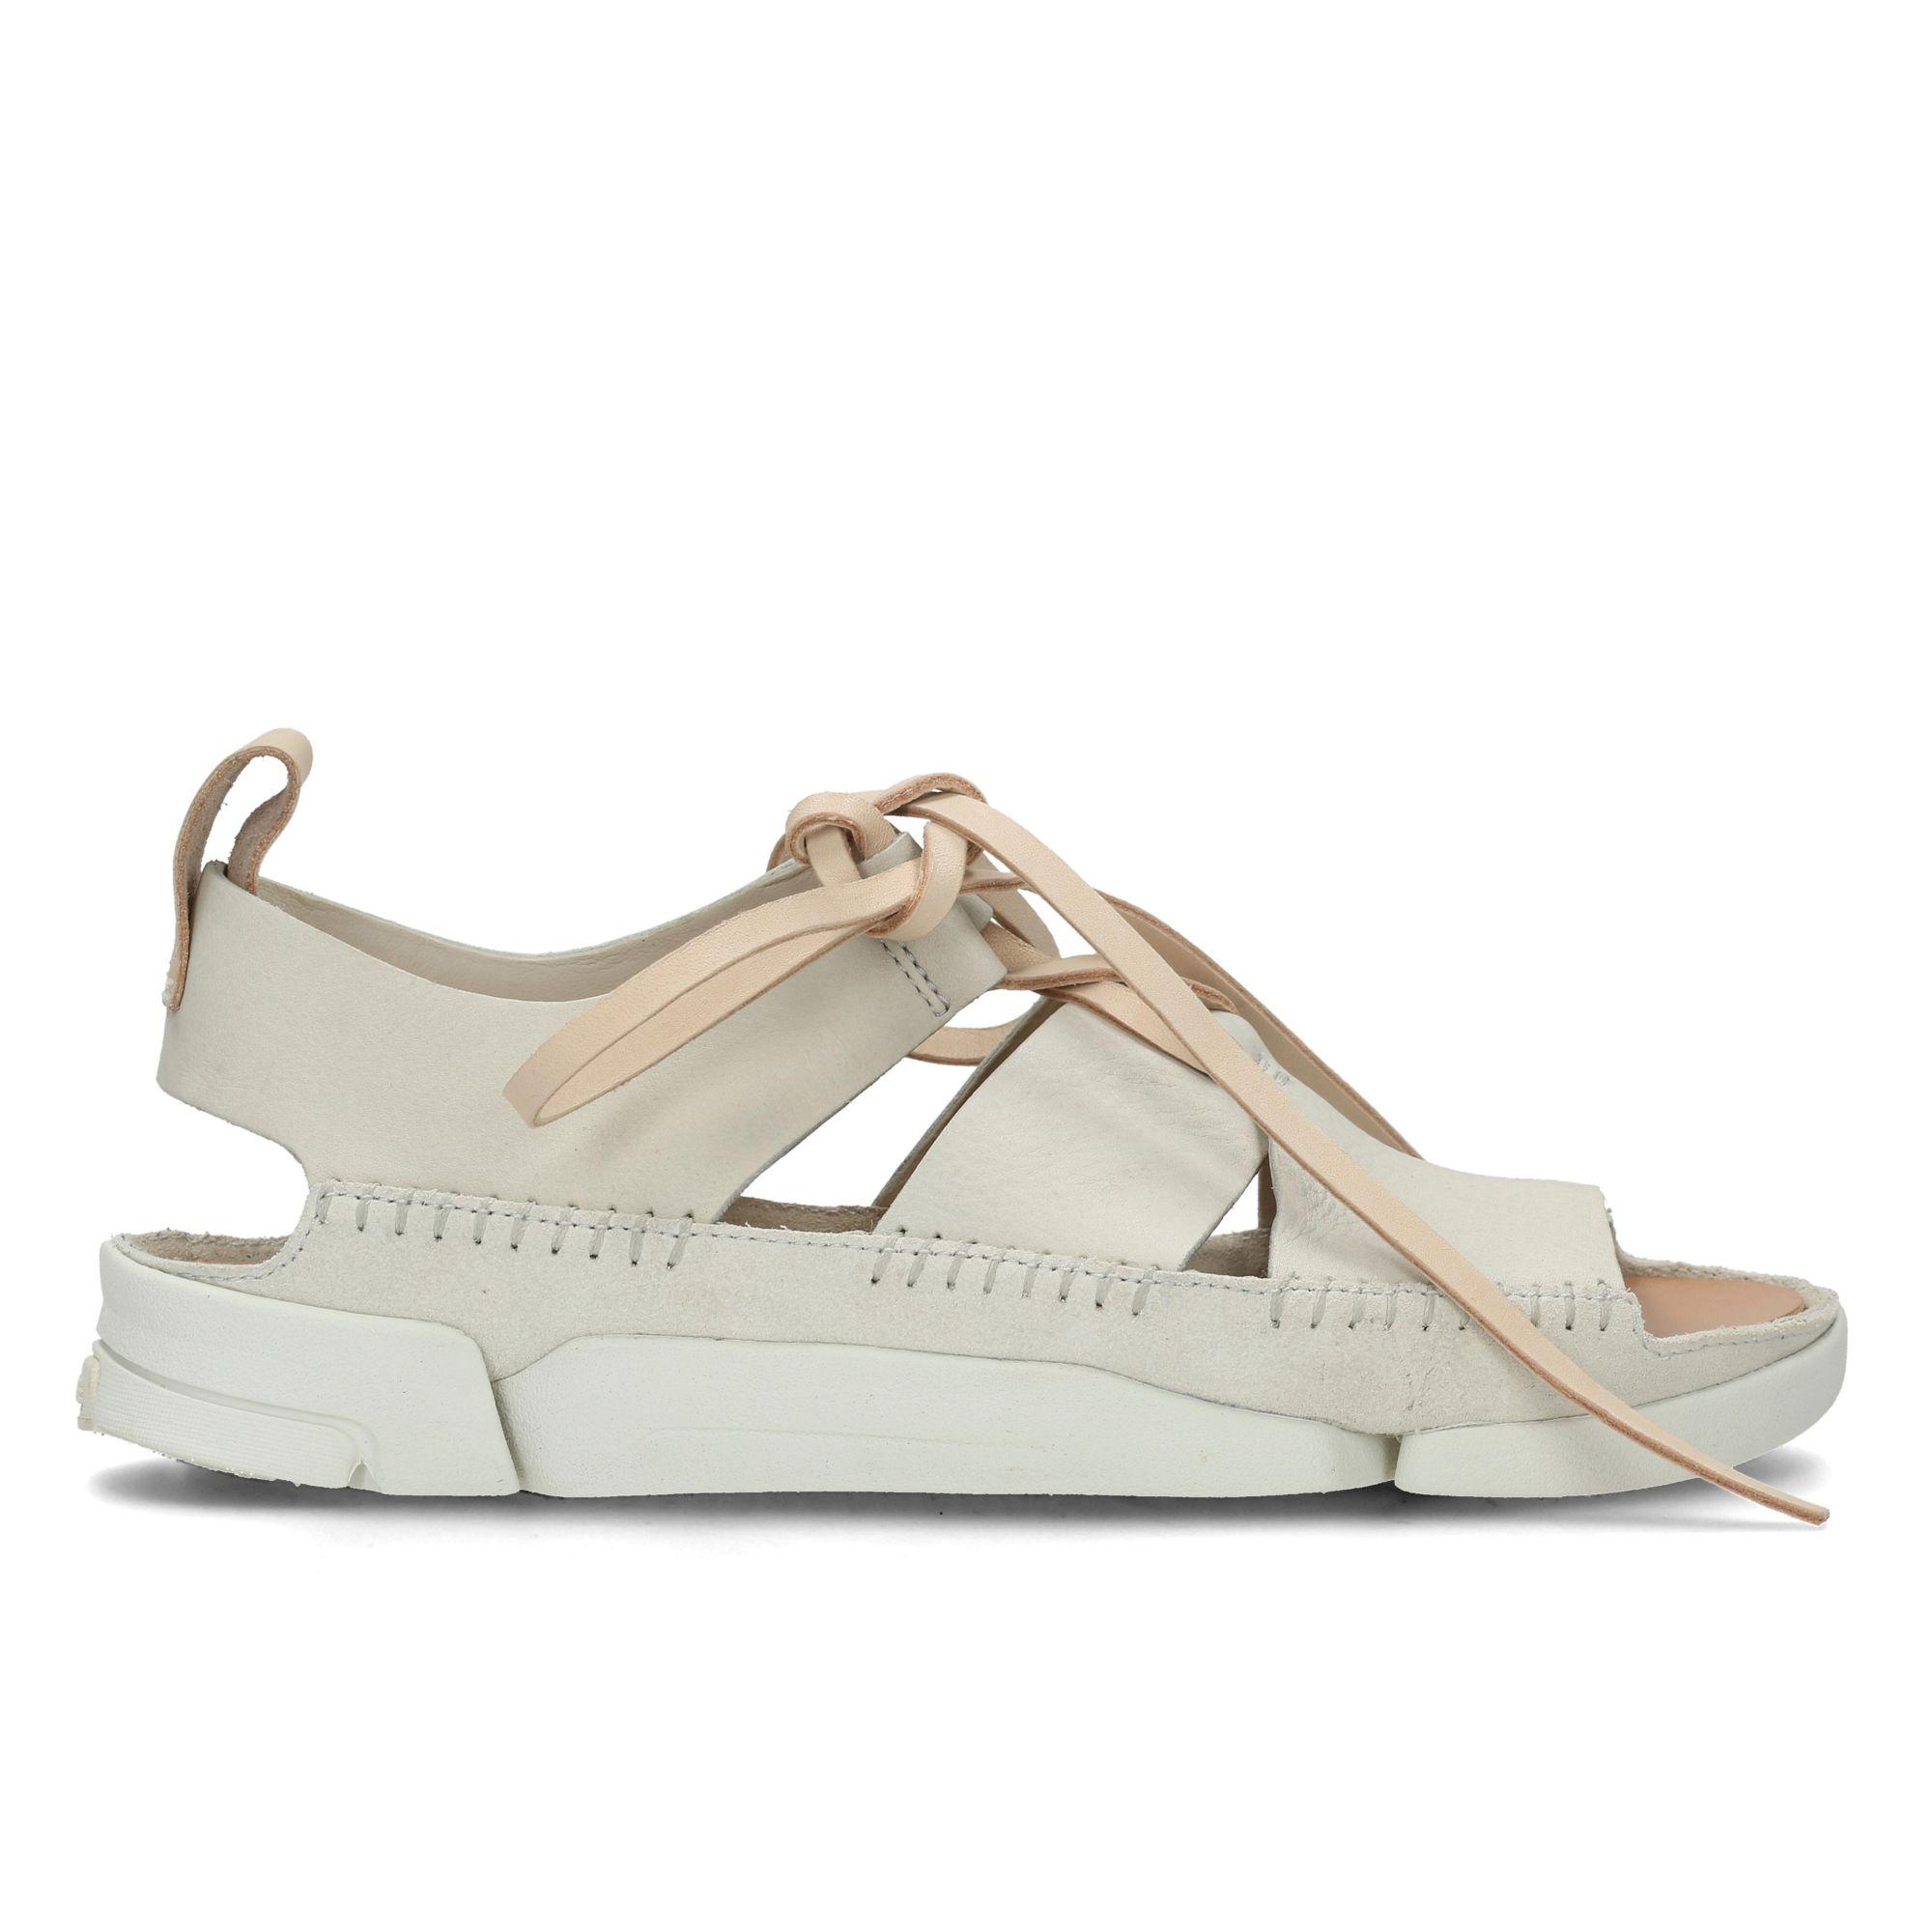 11dc672b1db Ofertas increibles de las tiendas de calzado online sin… – Notizalia